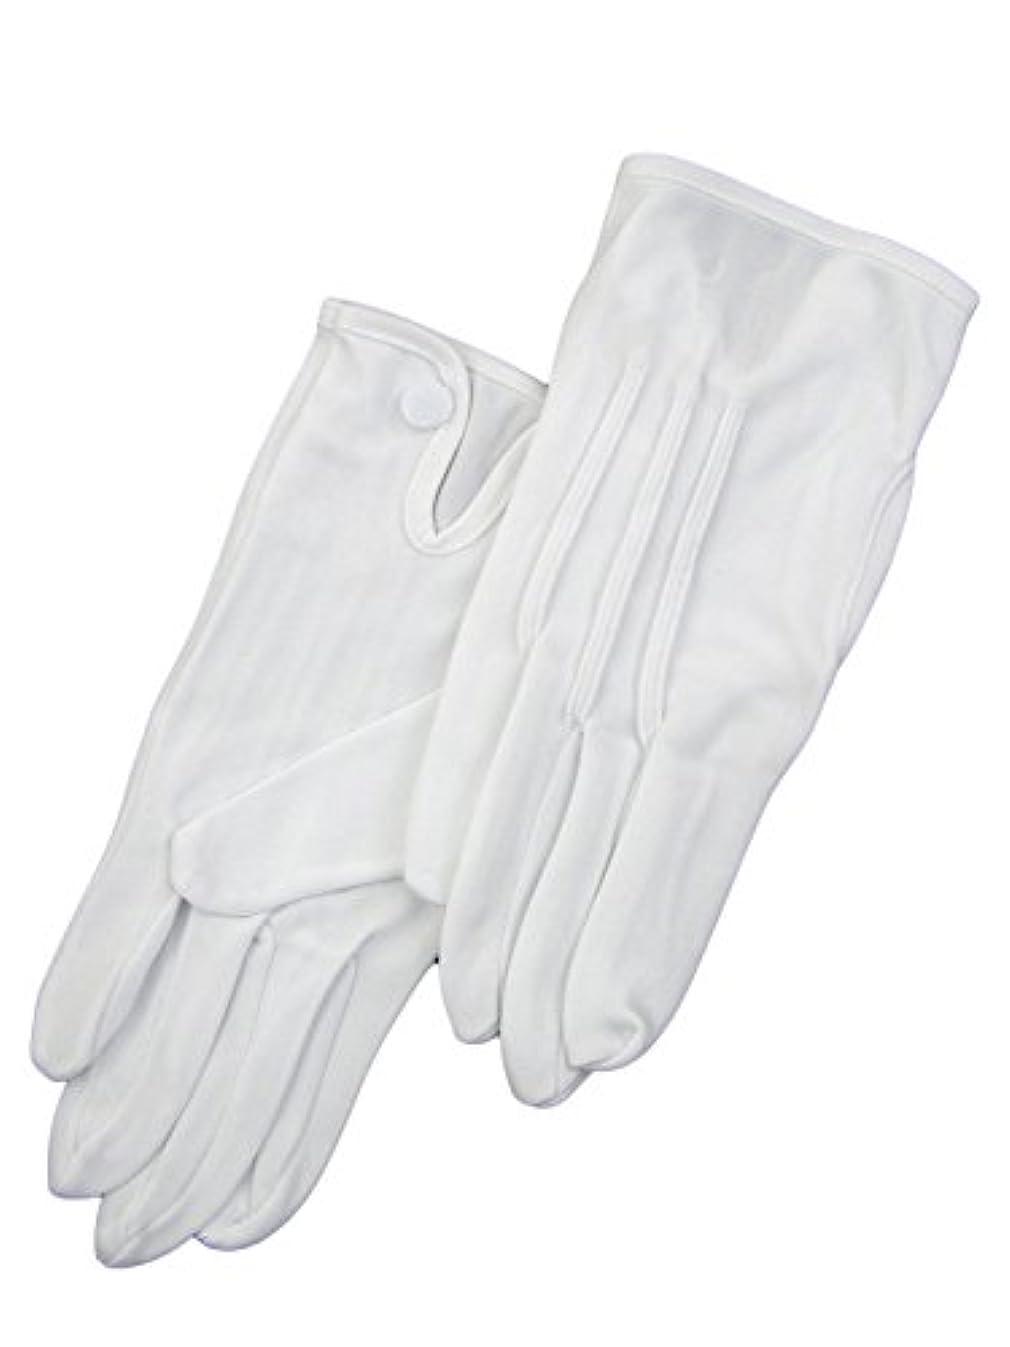 紳士白ナイロン手袋 105 シロ L